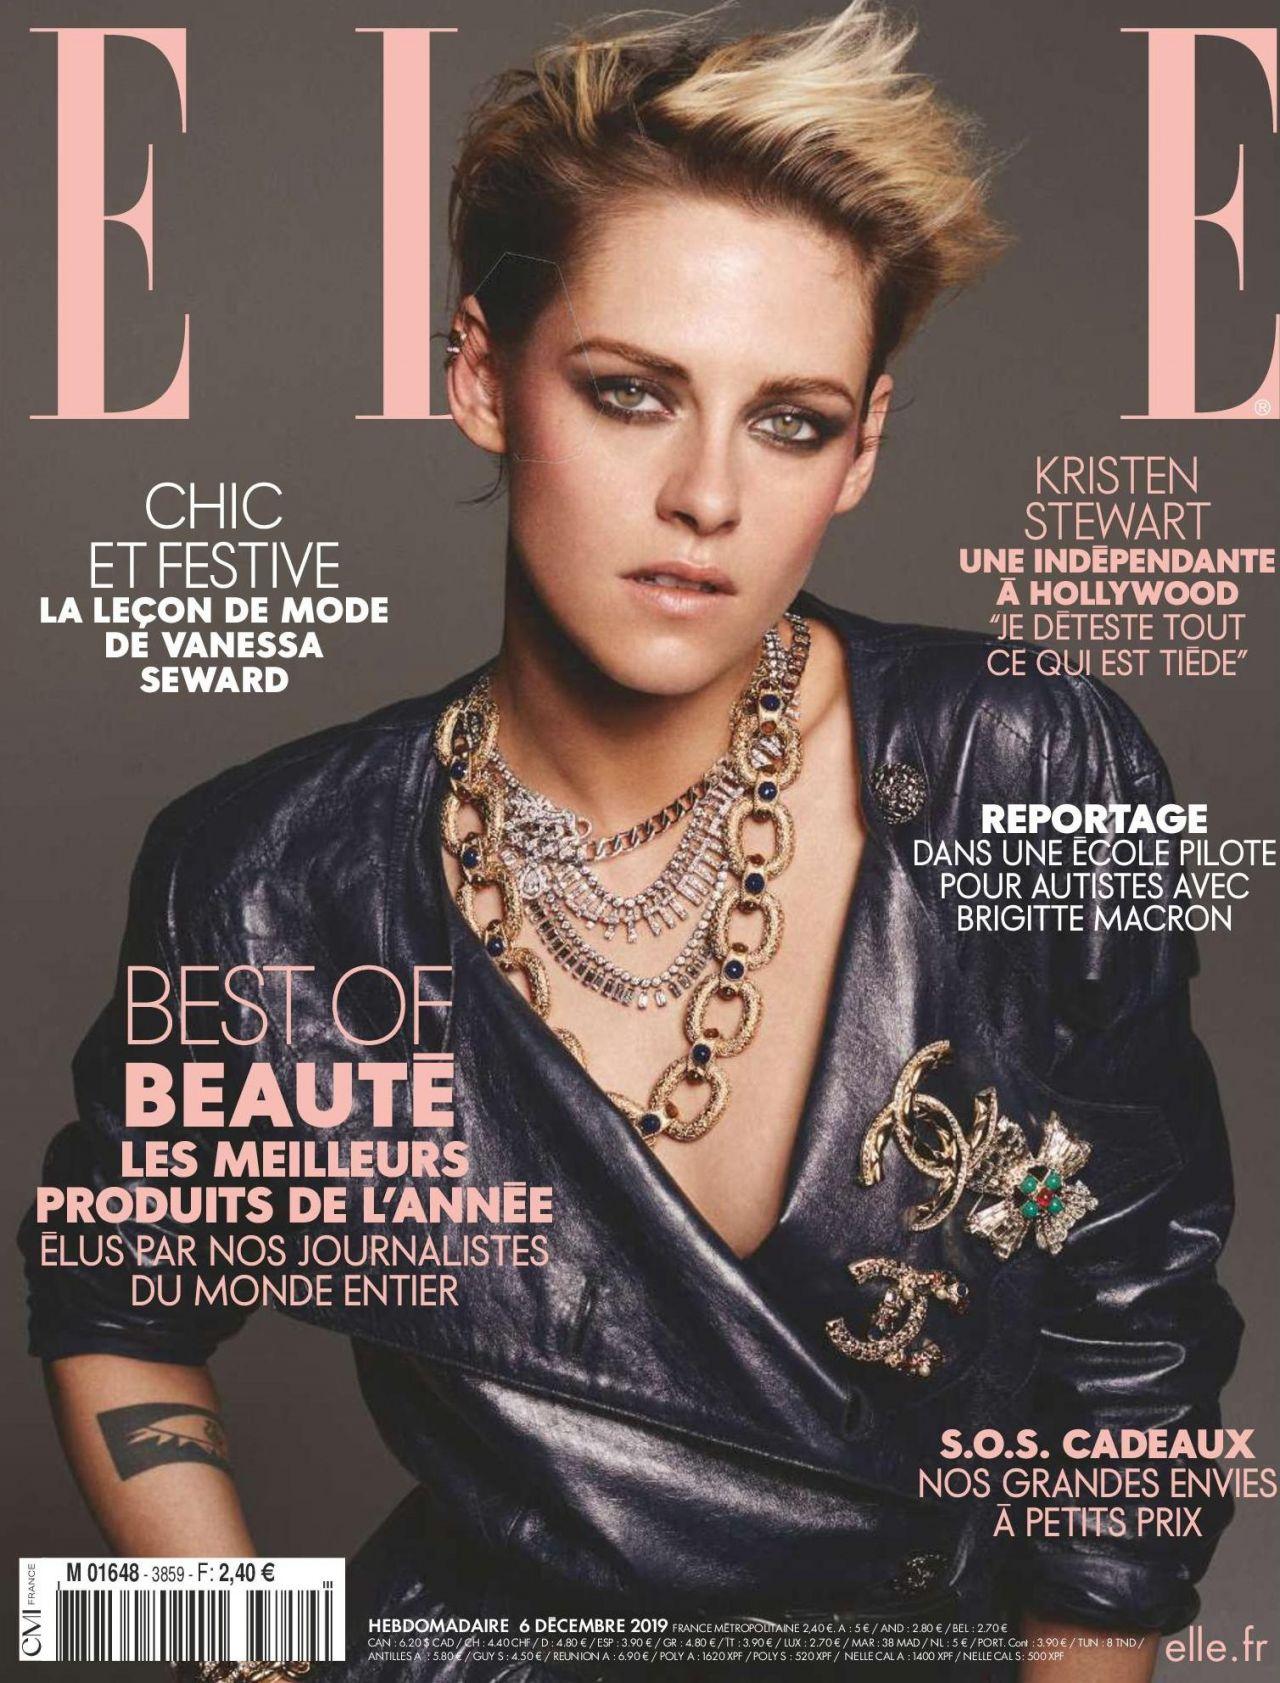 kristen-stewart-covers-elle-magazine-france-december-issue